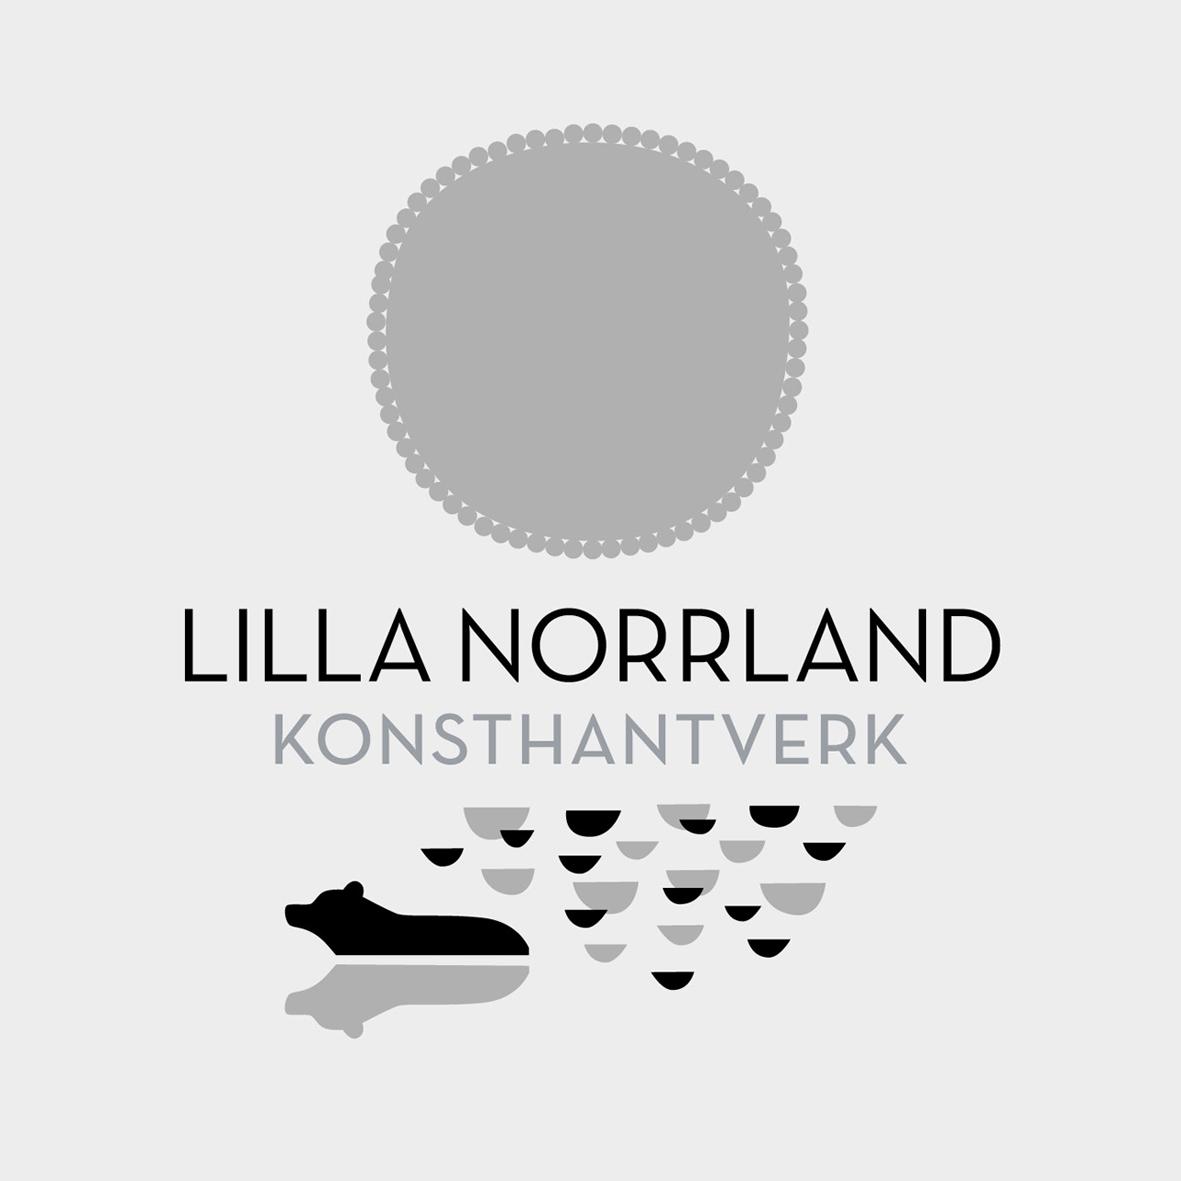 LILLA NORRLAND